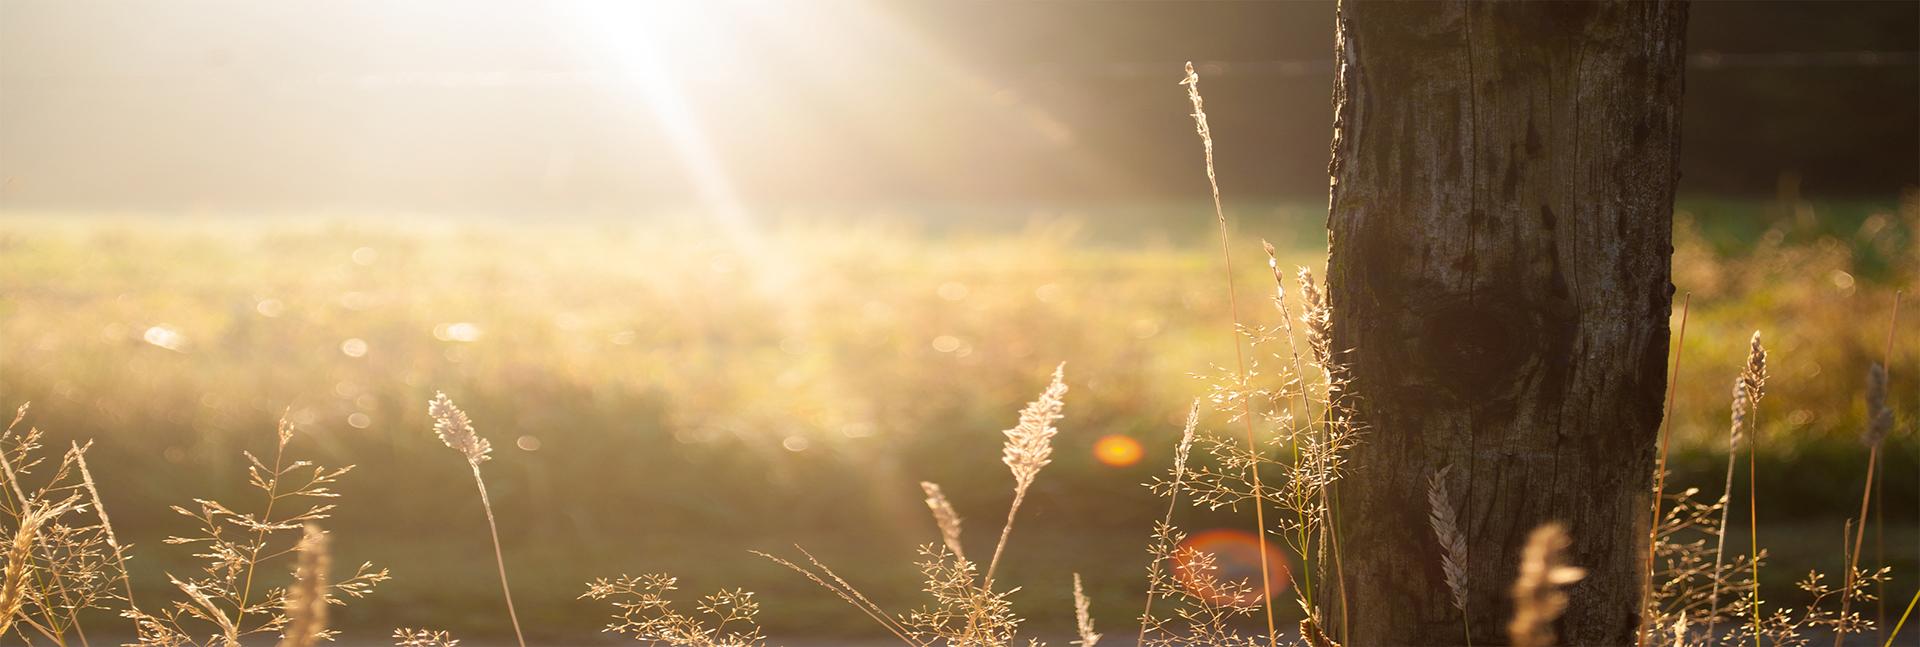 1_field-summer-sun-meadow_1920x647px